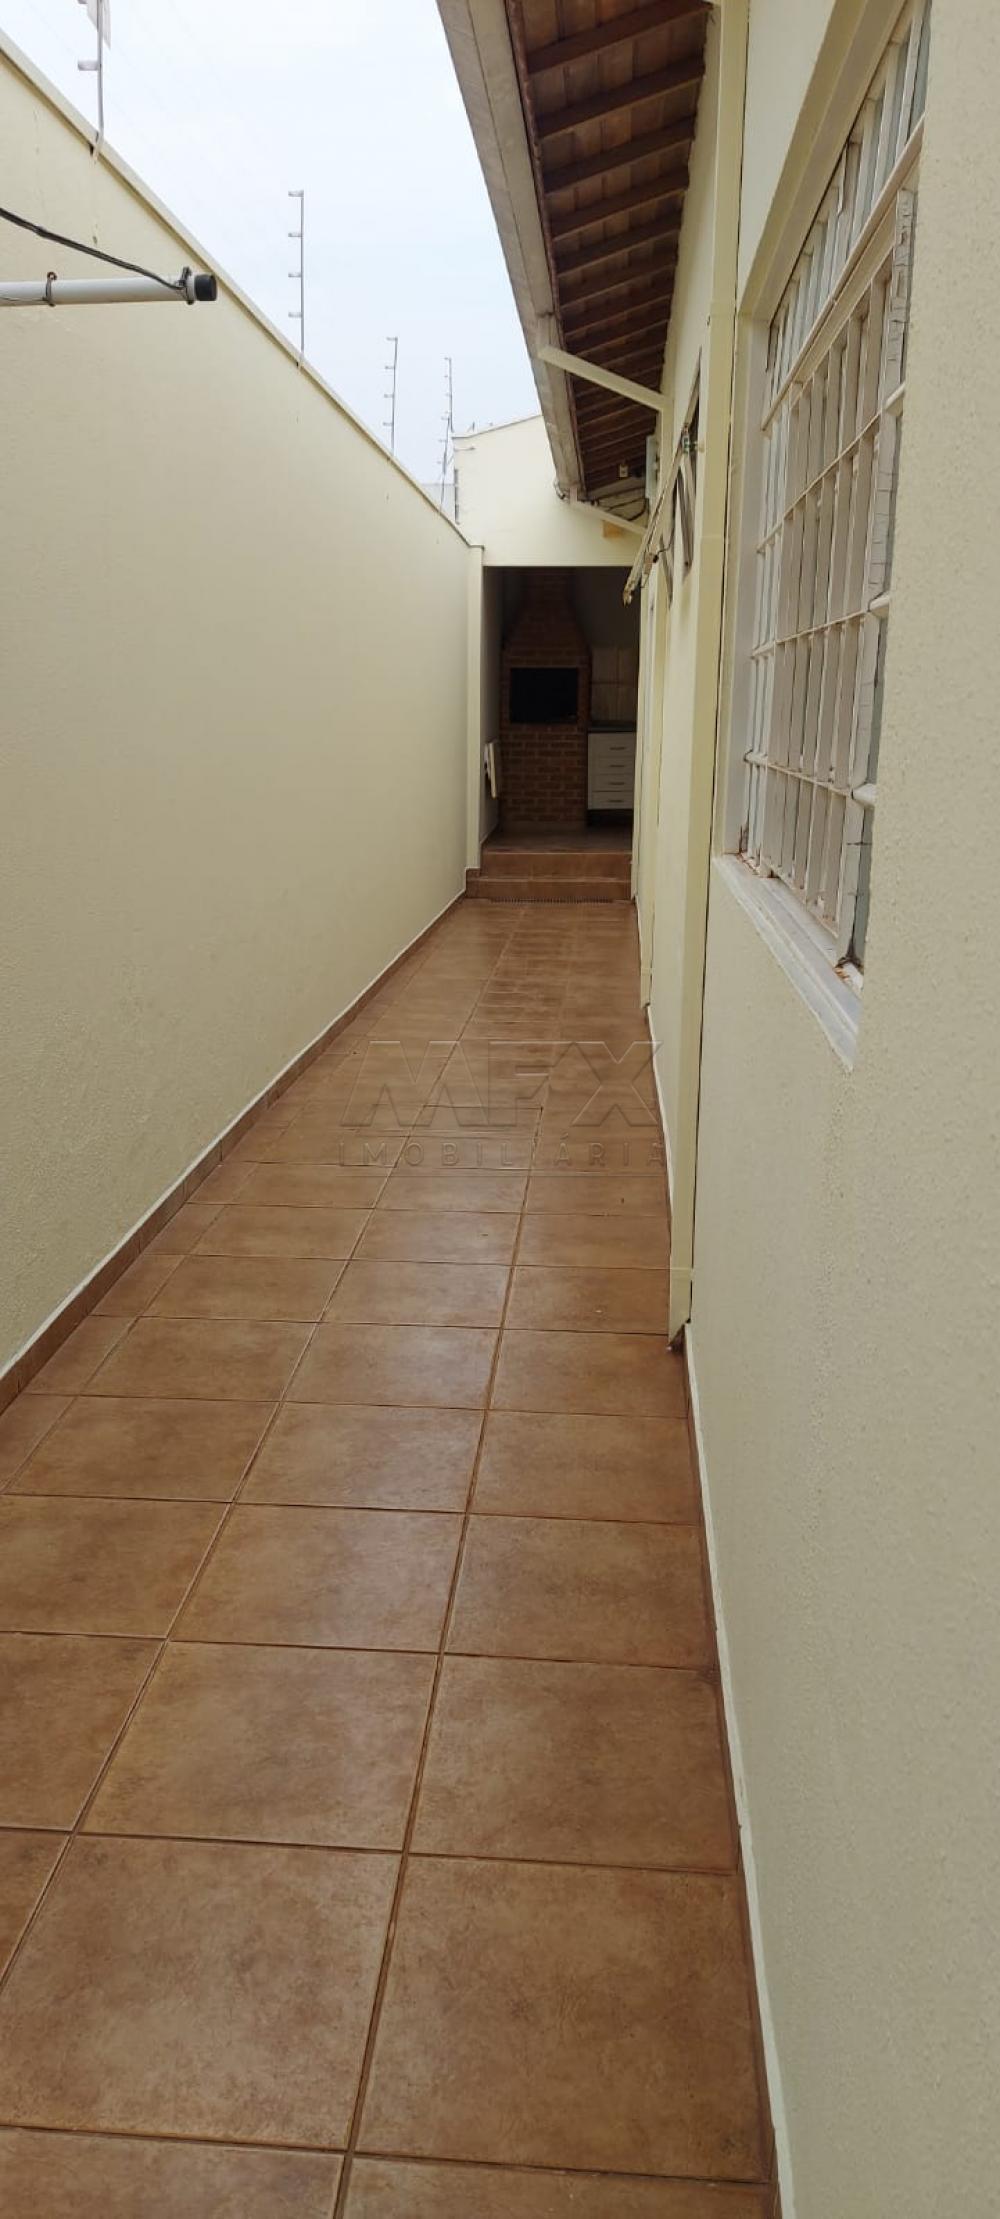 Alugar Casa / Padrão em Bauru R$ 2.500,00 - Foto 15